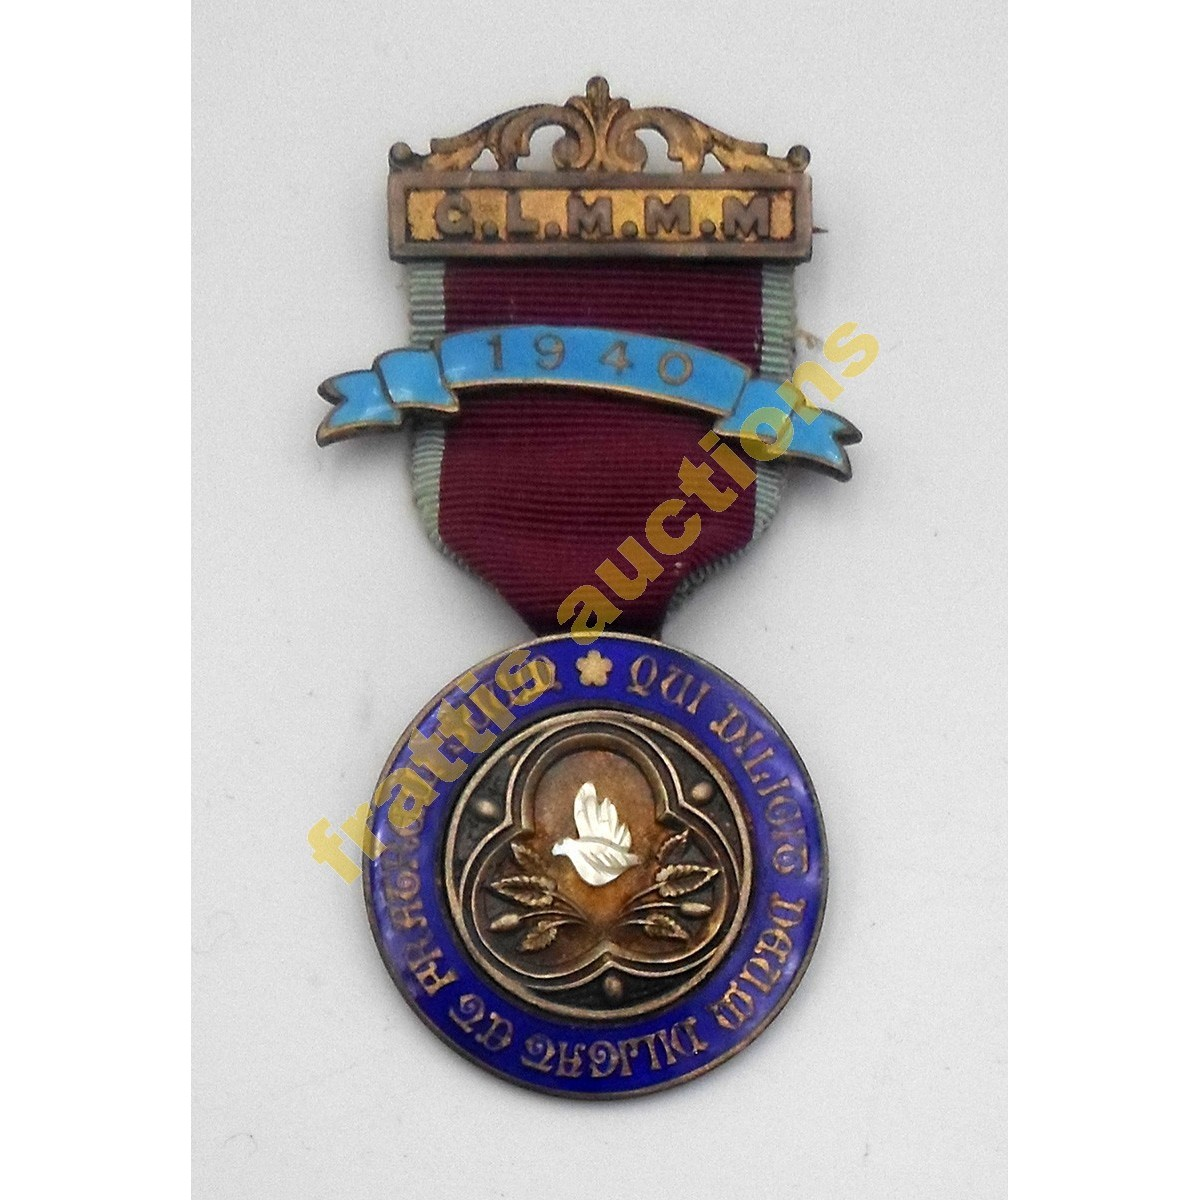 Μετάλλιο G.L.M.M.M. 1940.